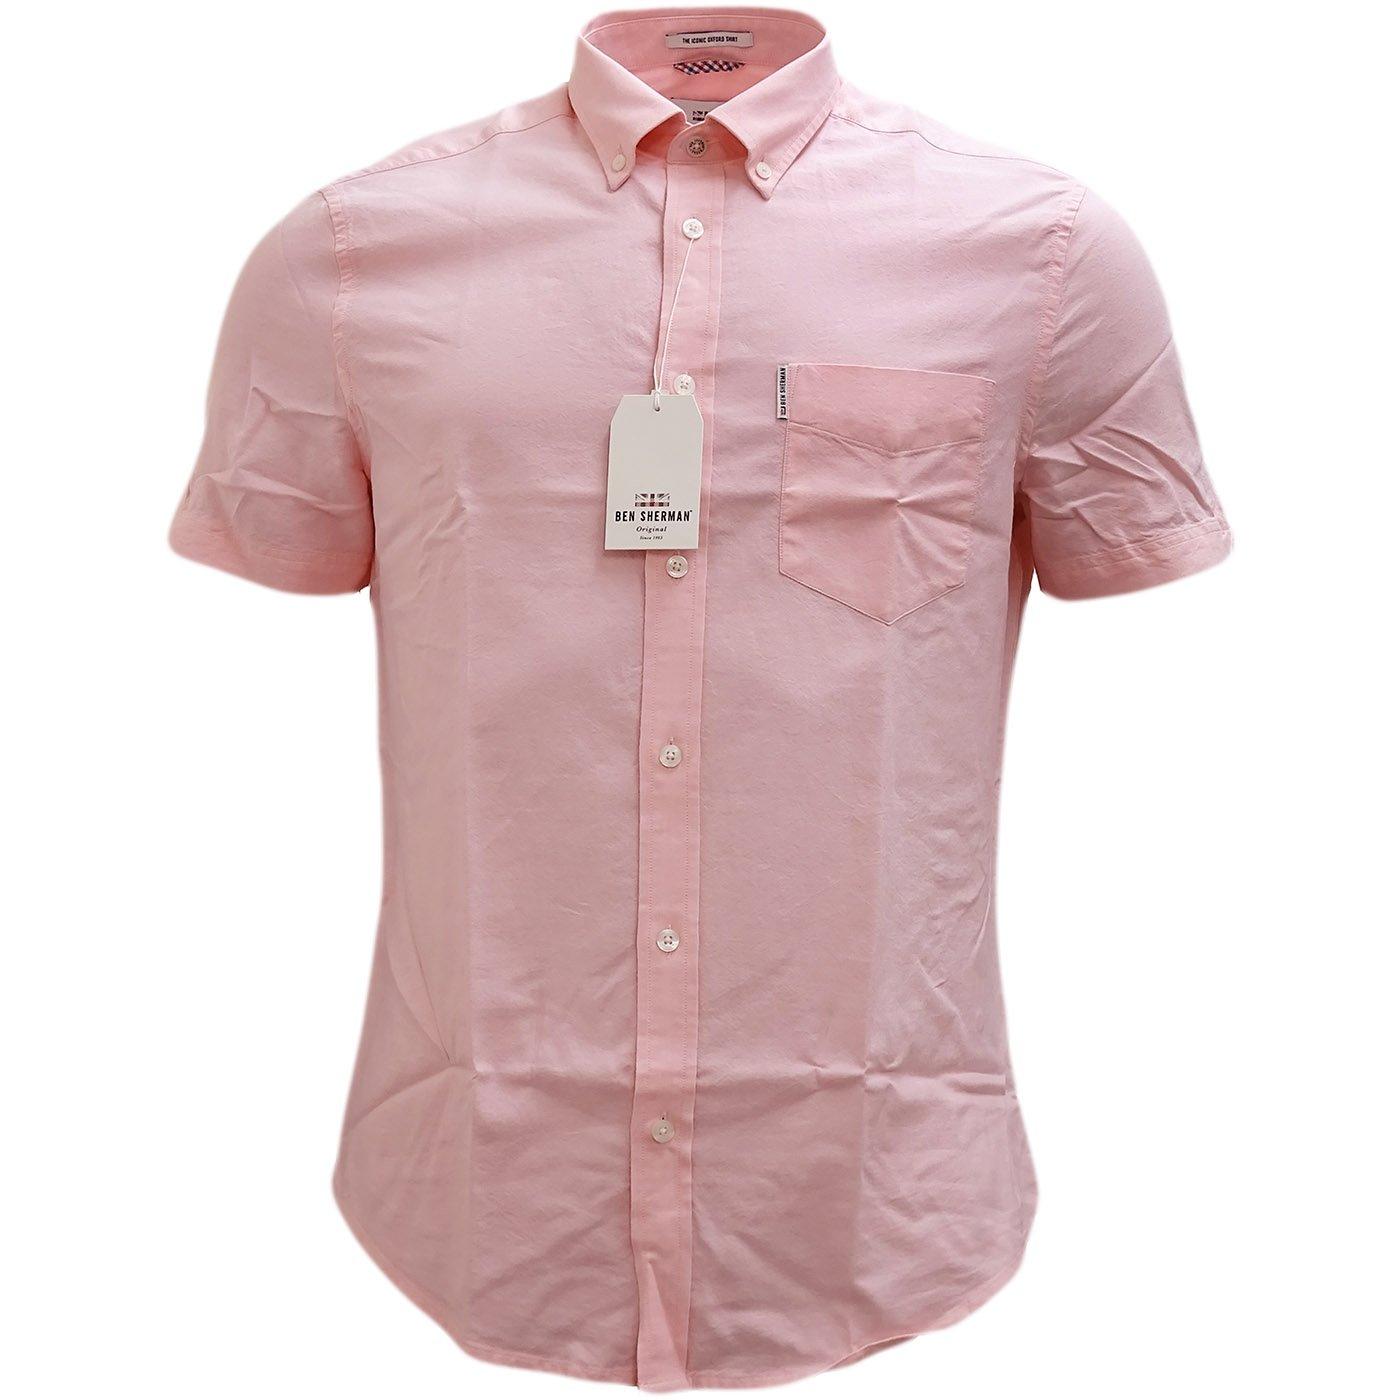 Ben Sherman Plain Button Down Oxford Shirt - Ma13606 Pink L